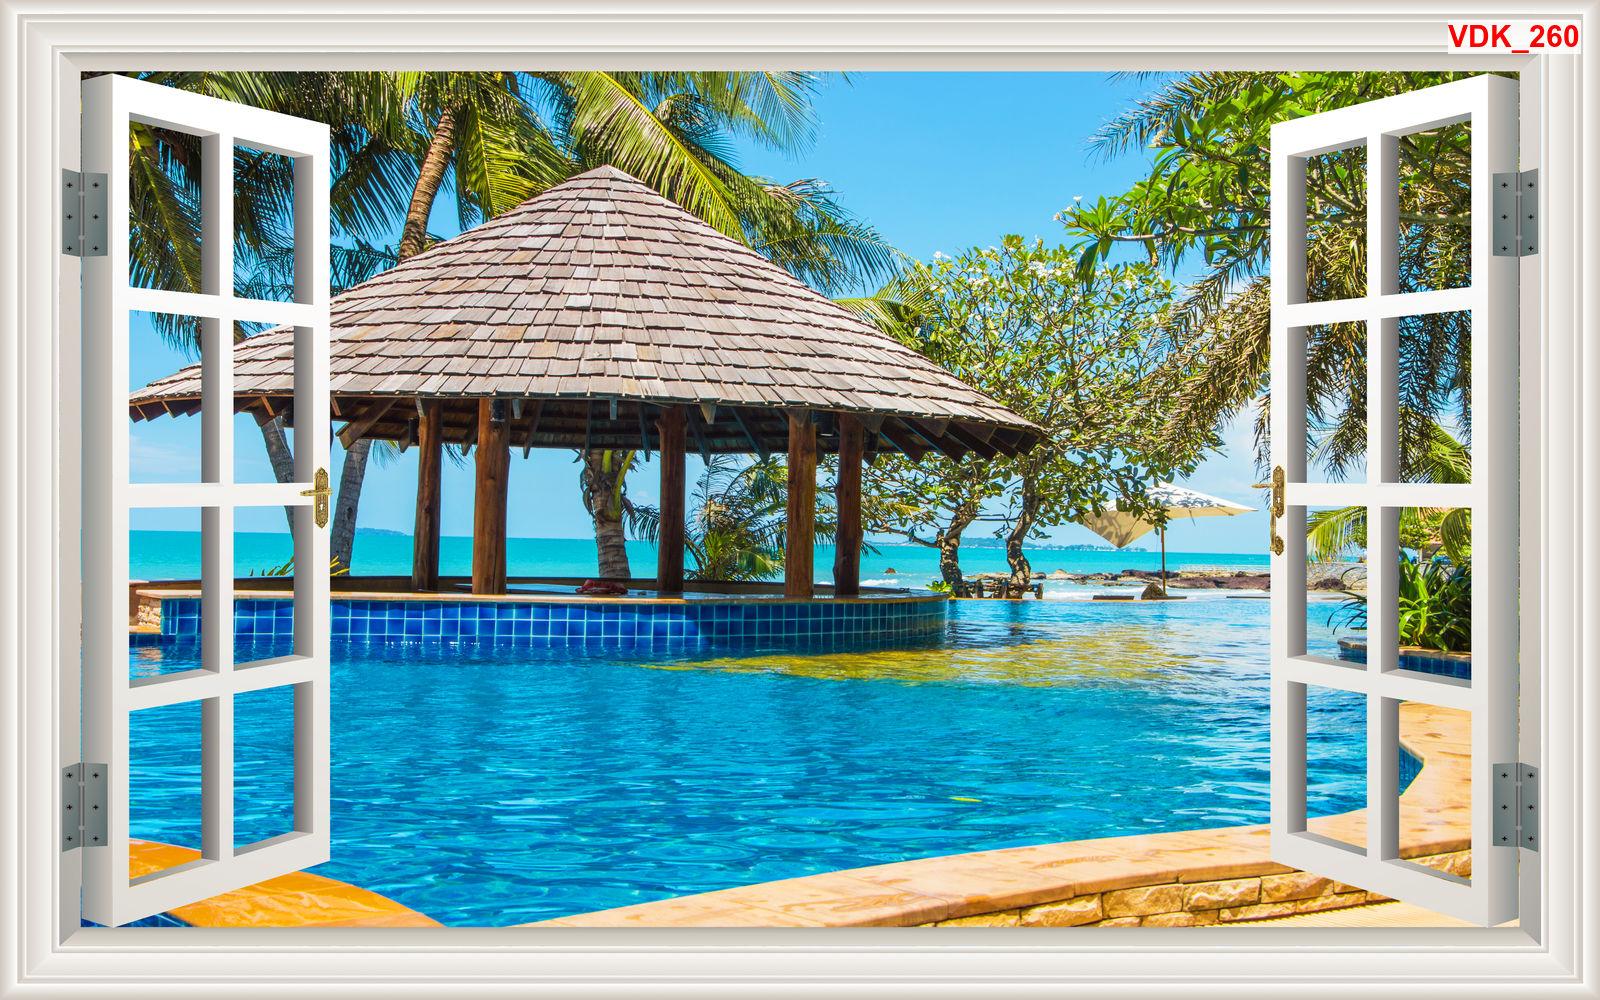 Tranh 3d cửa sổ phong cảnh biển